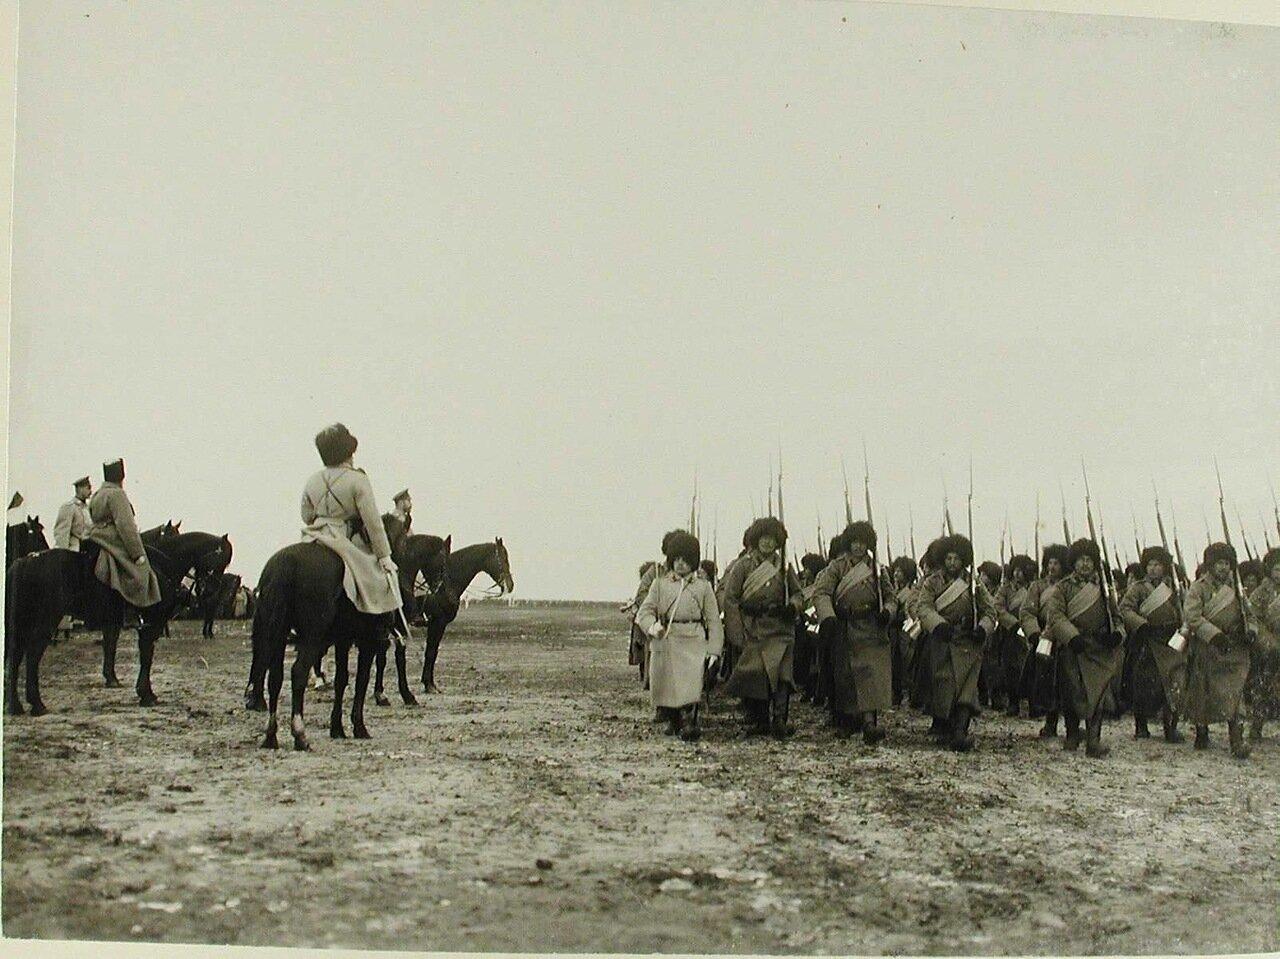 06. Солдаты проходят строем перед императором Николаем II во время смотра